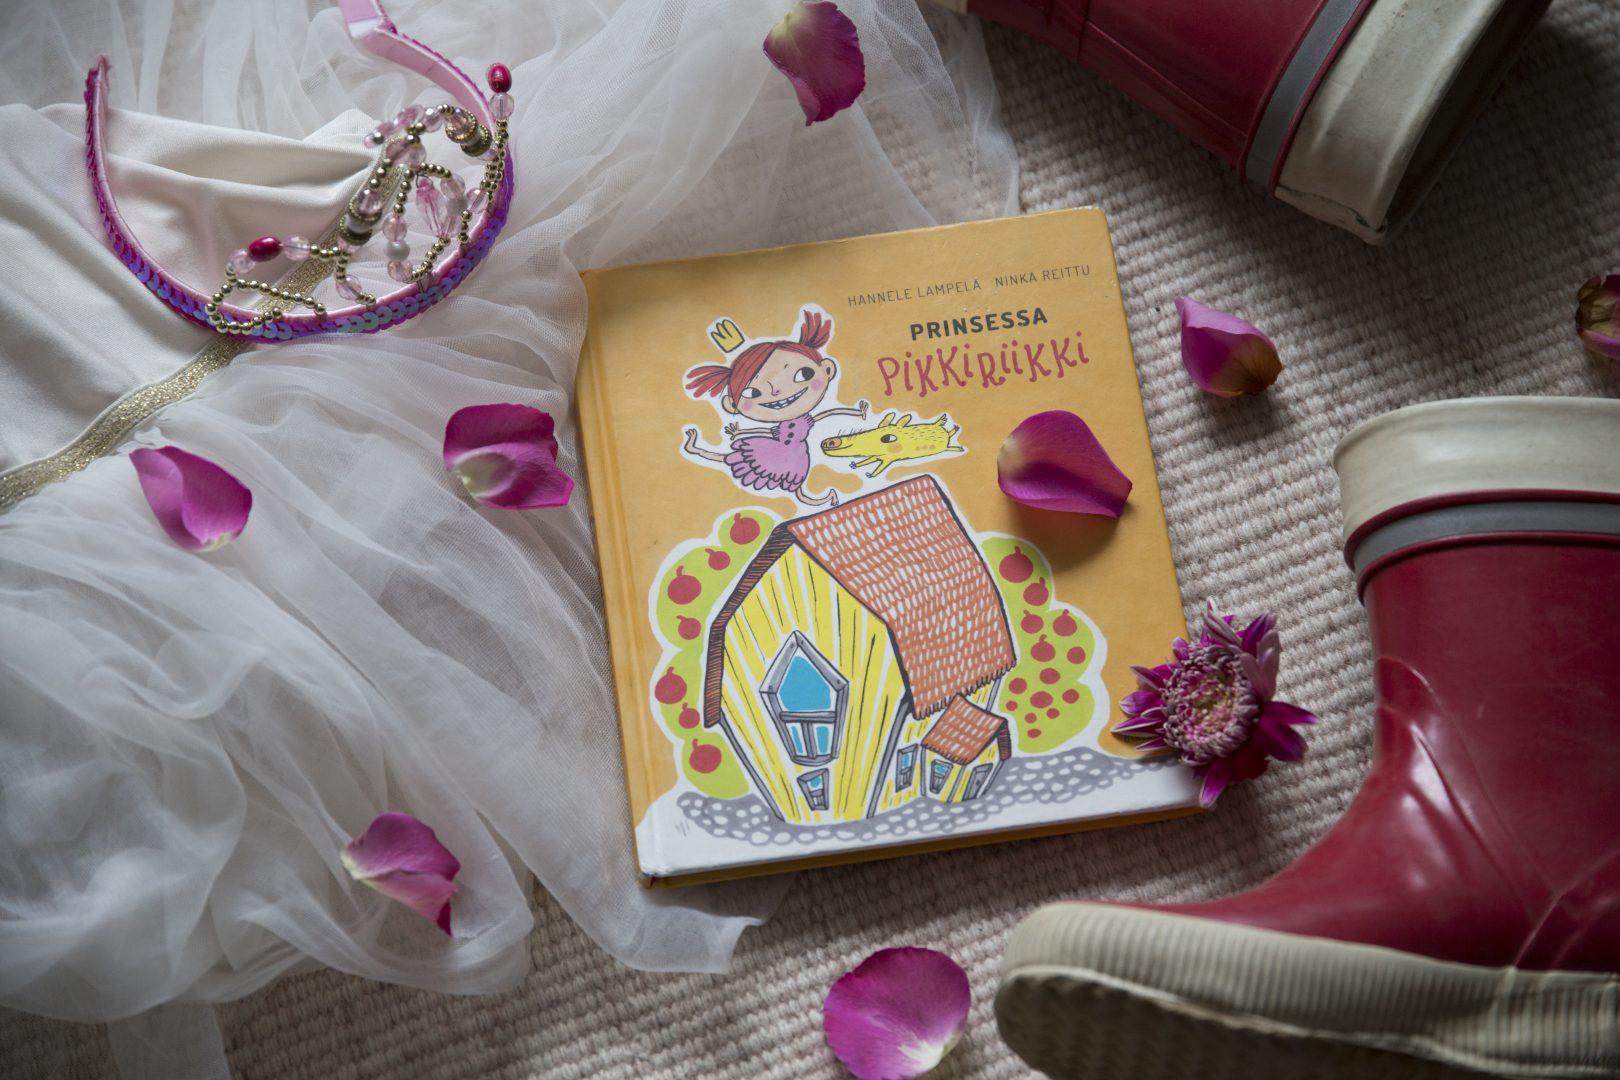 ©Lahiomutsi Prinsessa Pikkiriikki Lastenkirja Kirja Kirjallisuus Lasten-8604